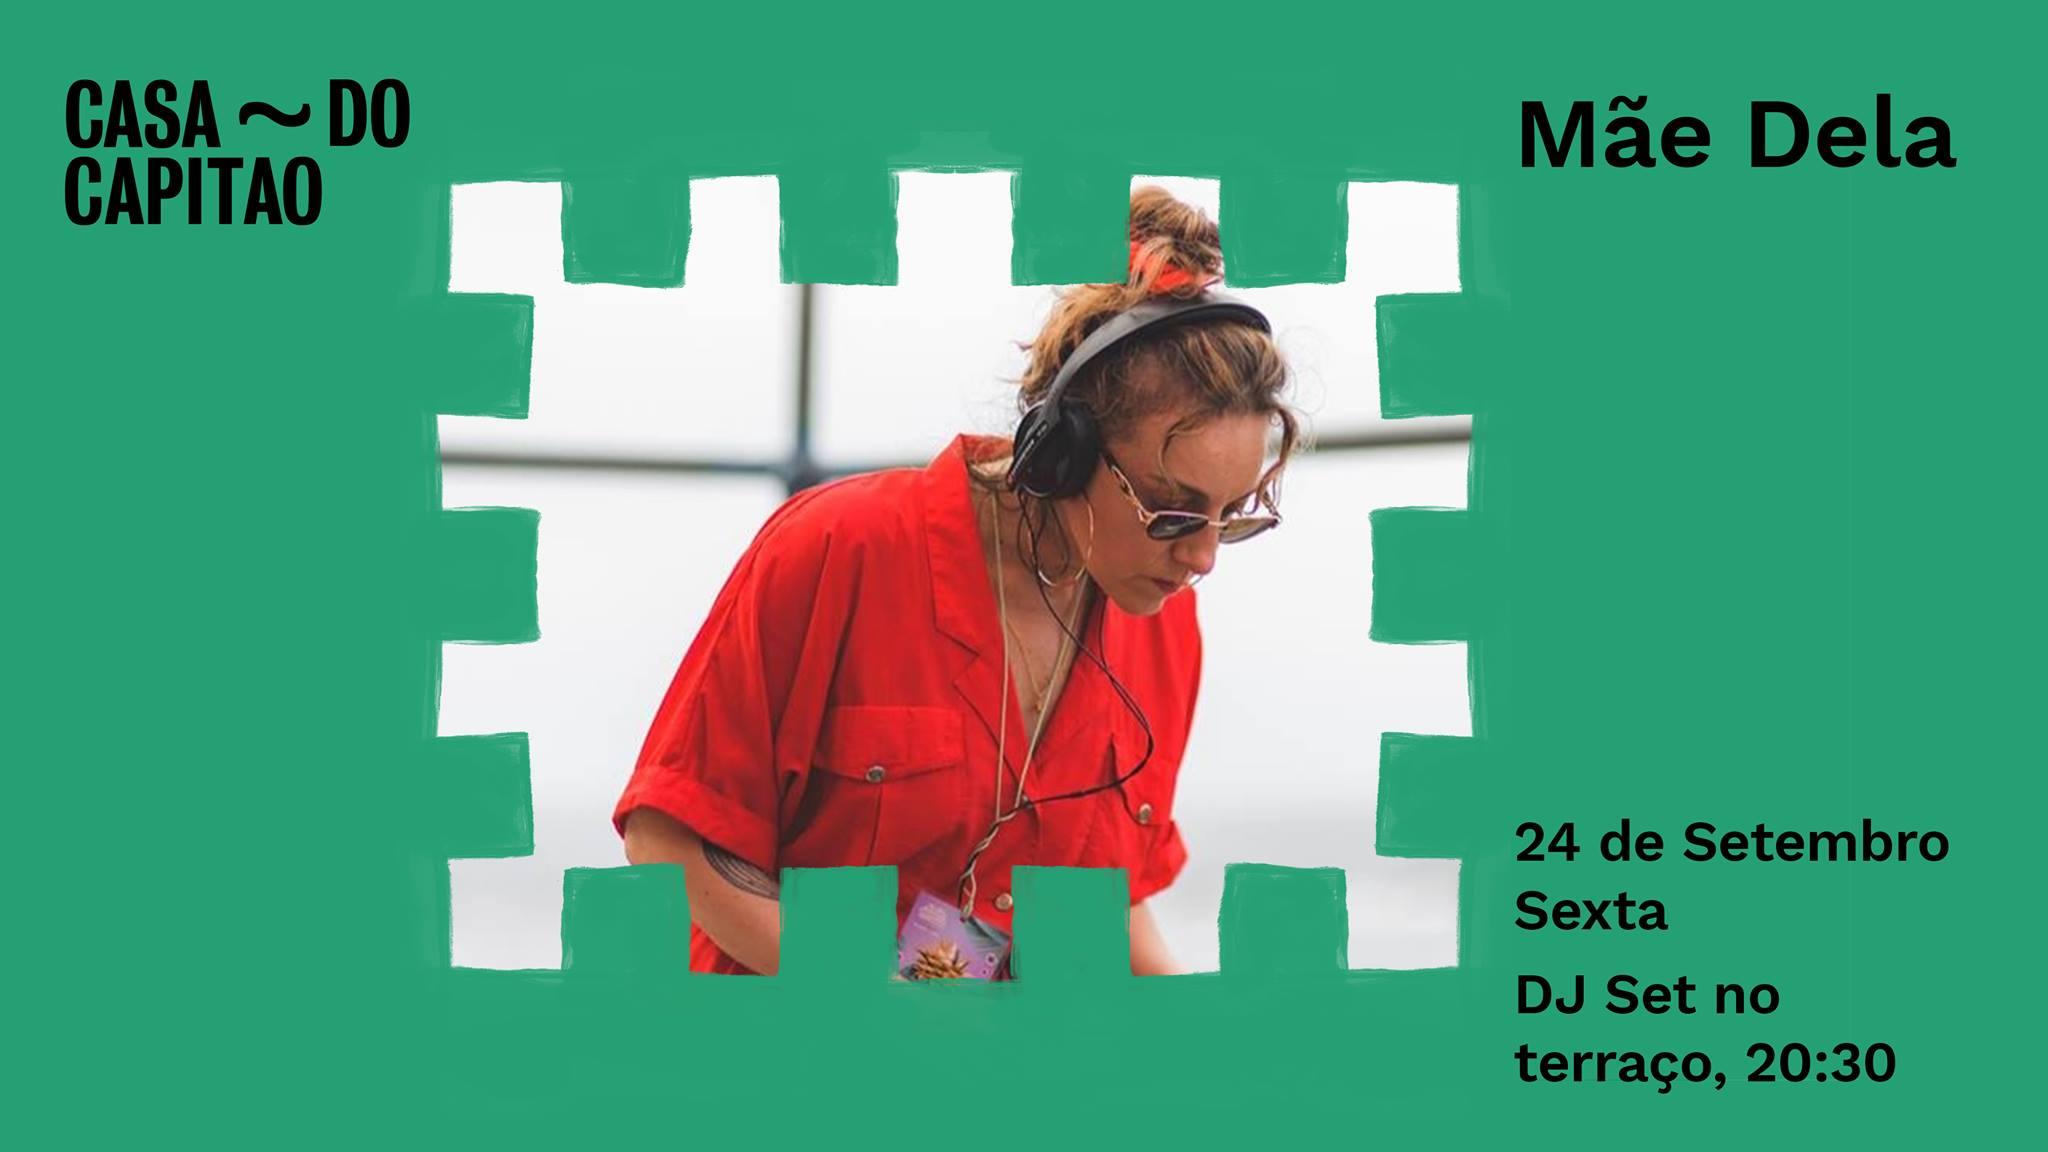 Mãe Dela • DJ Set no terraço